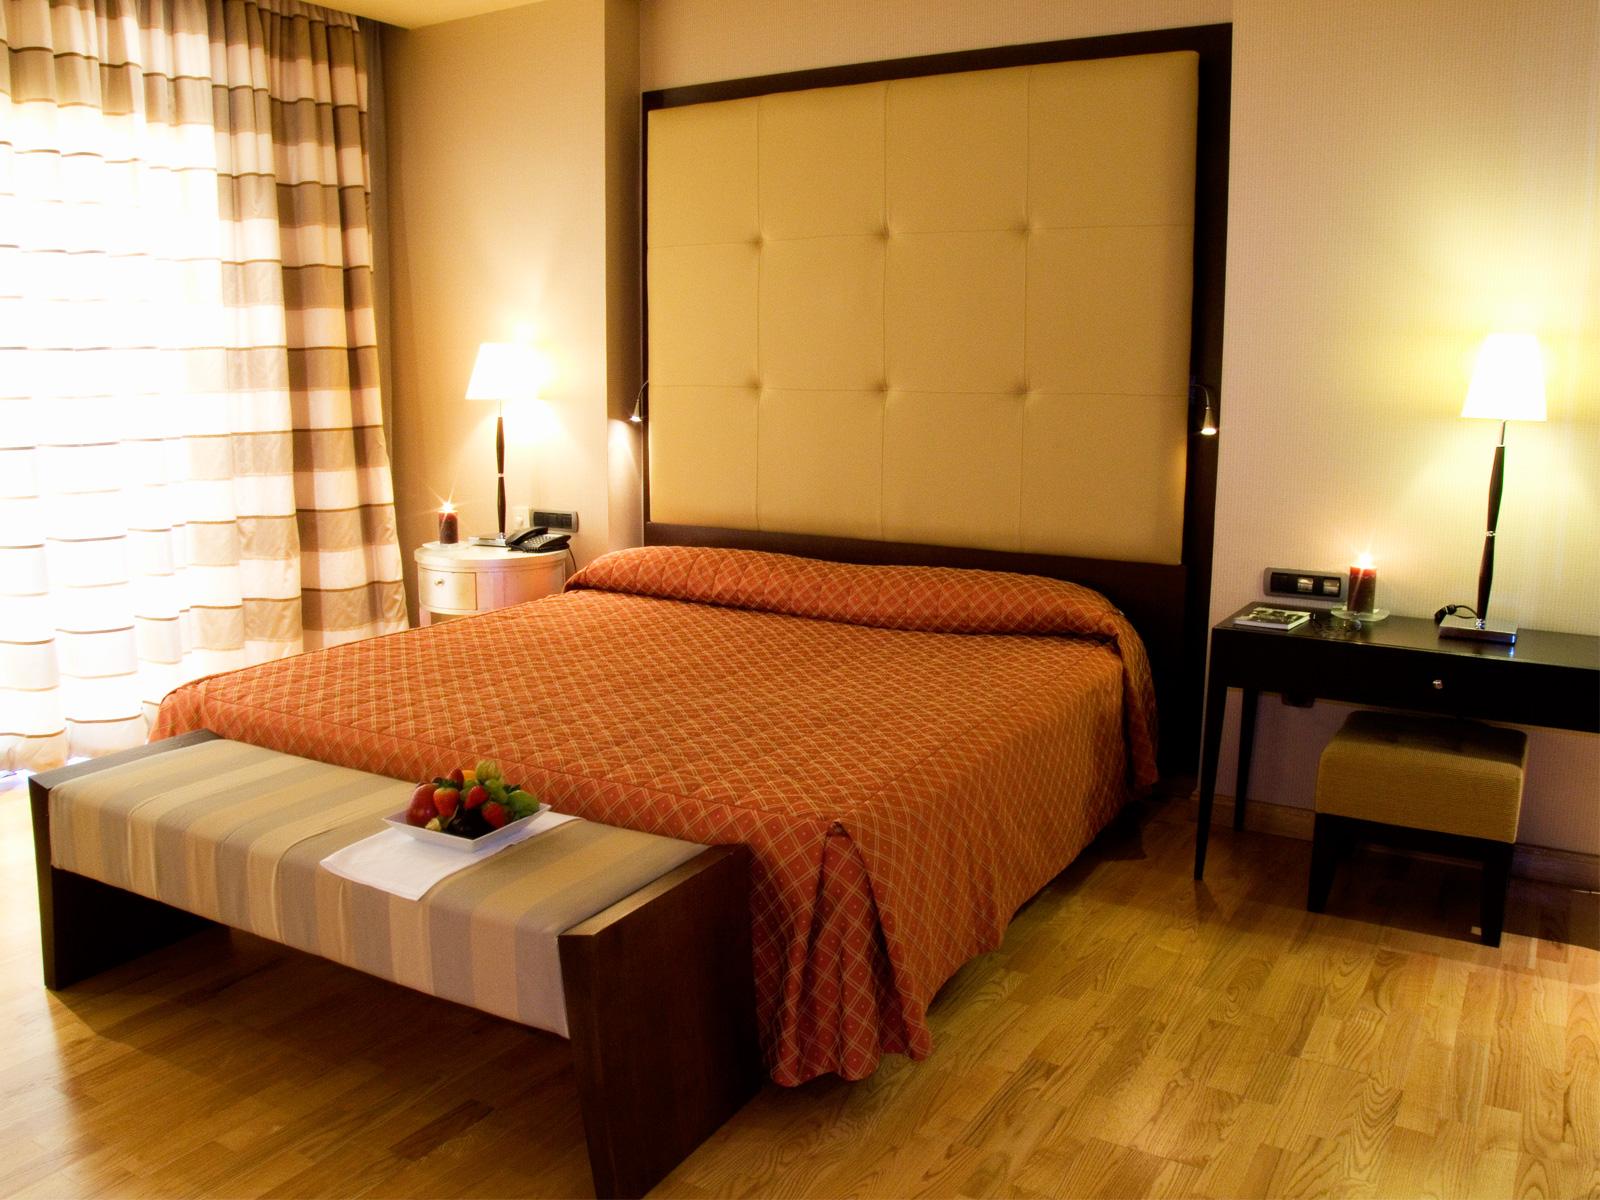 Habitaciones-Wellness Hotel Almería - Vincci Hoteles